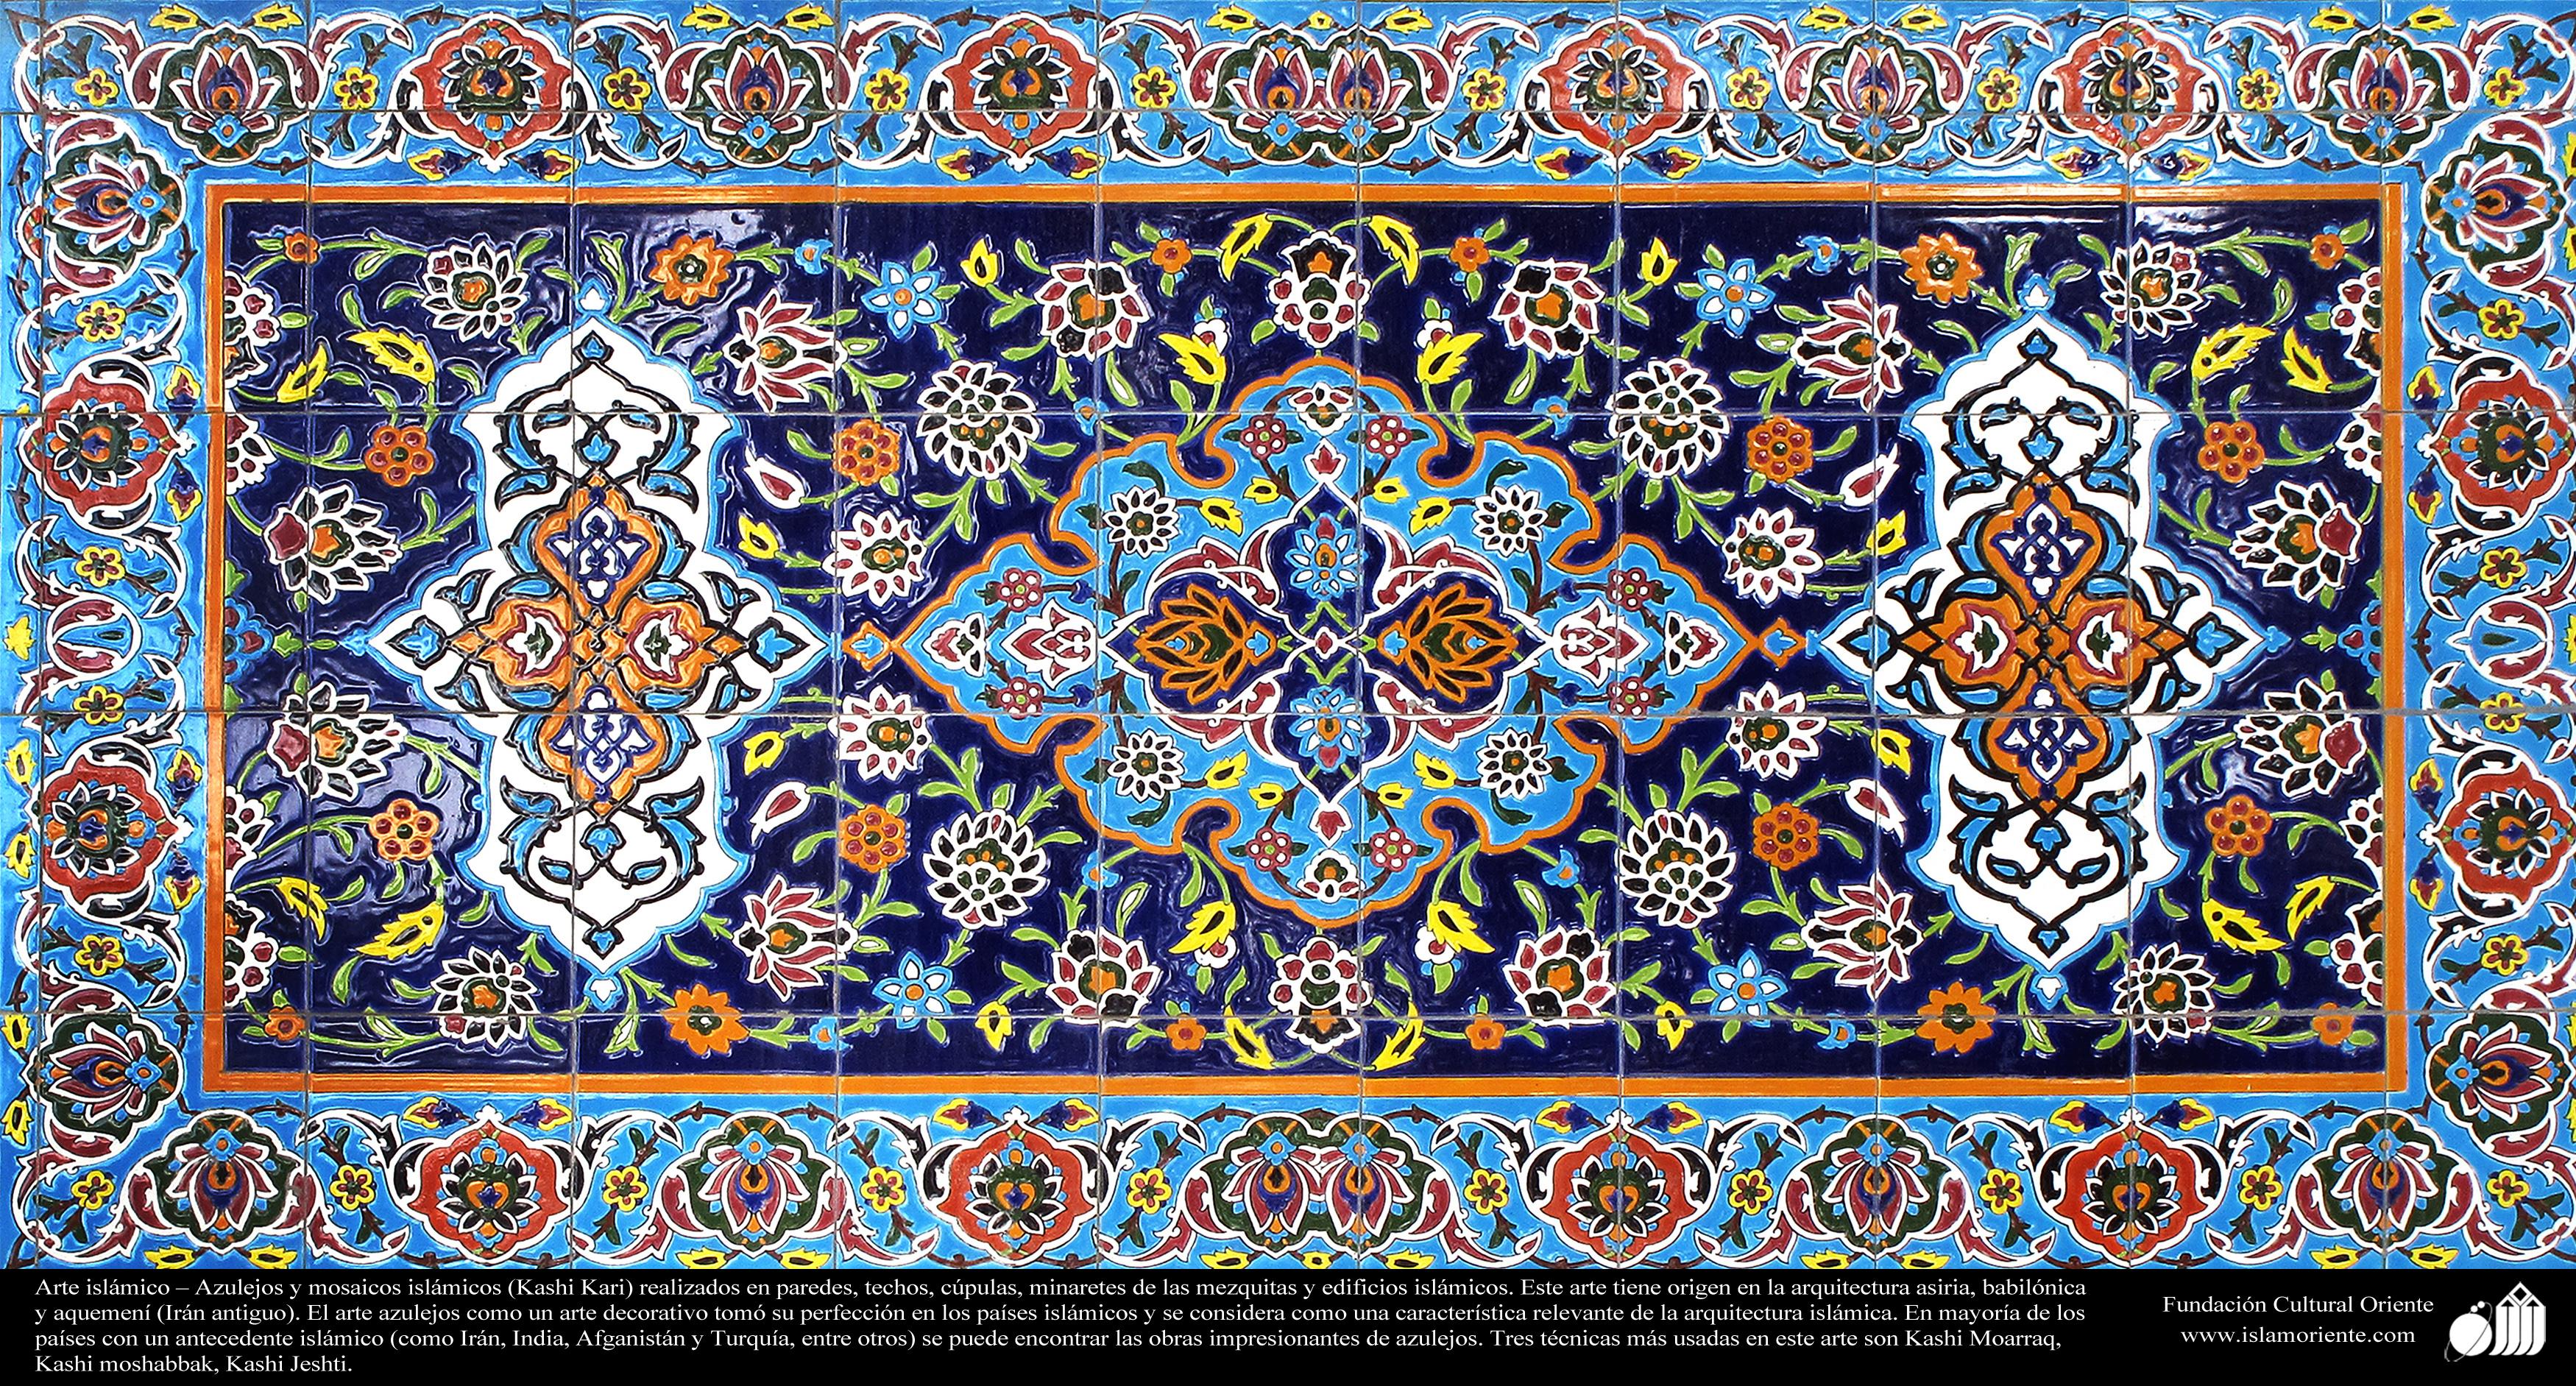 Arte isl mico azulejos y mosaicos isl micos kashi kari - Fotos en azulejos ...